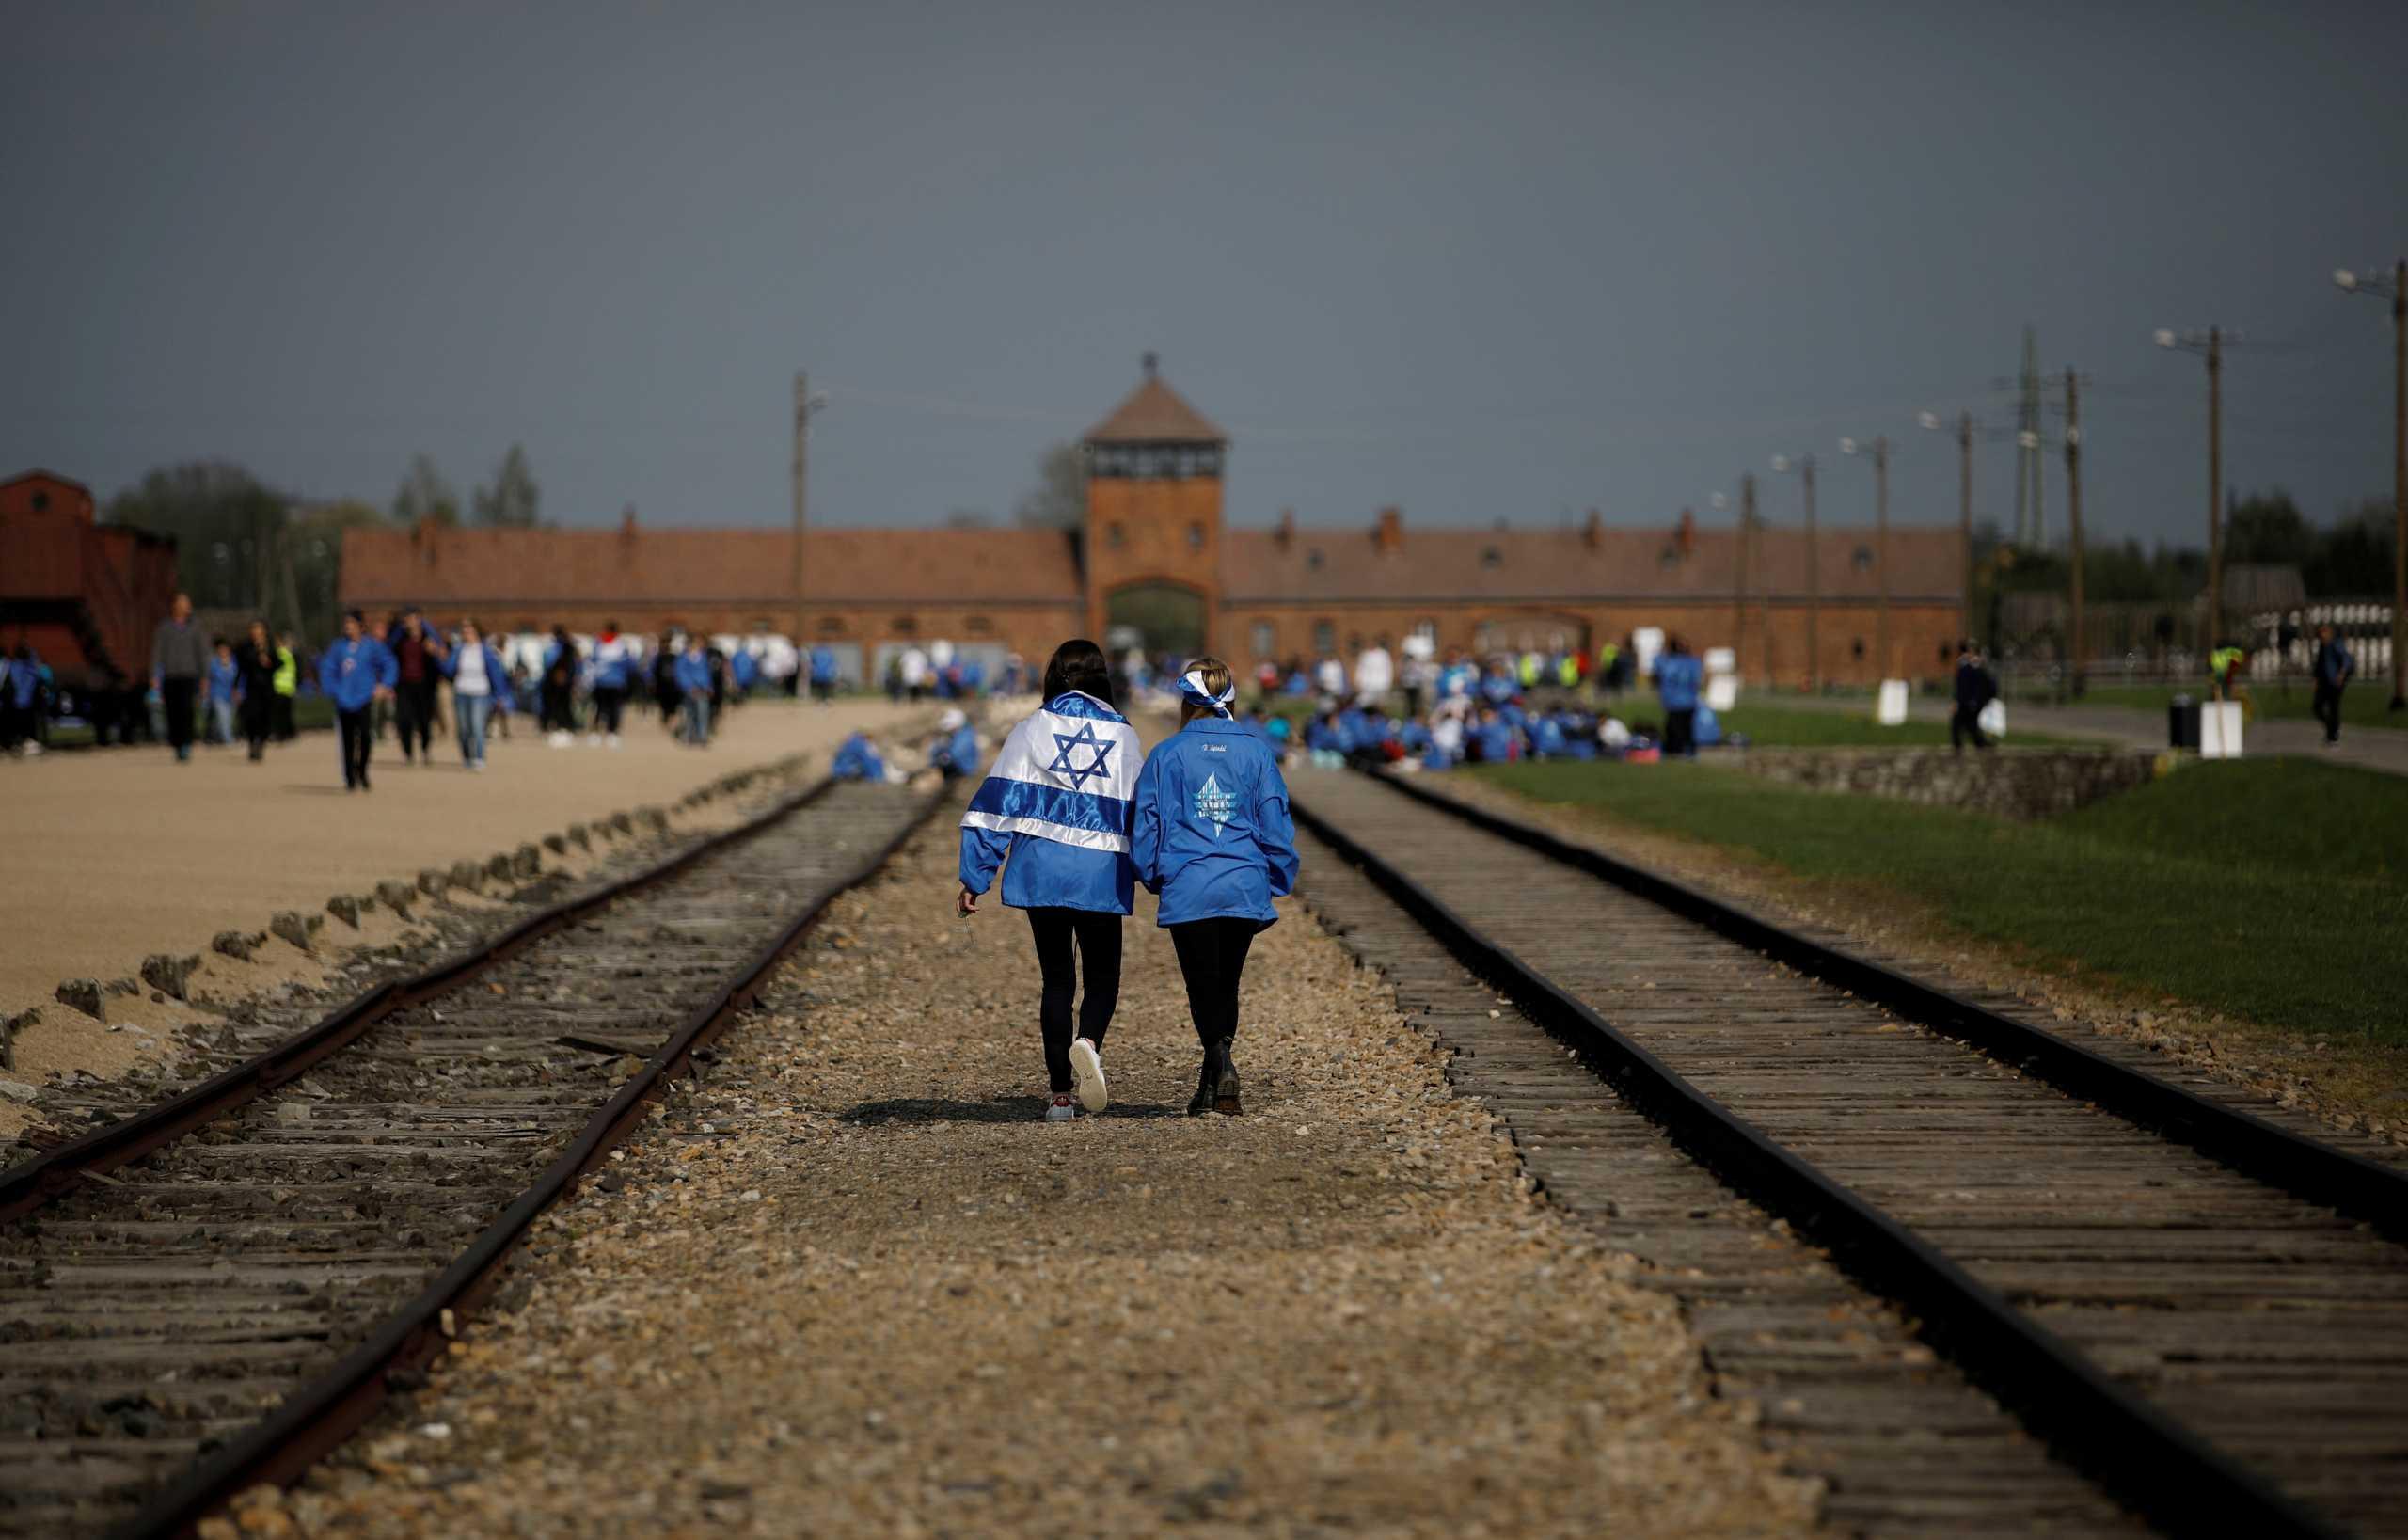 5.000 απόγονοι θυμάτων του Ολοκαυτώματος απέκτησαν την αυστριακή υπηκοότητα